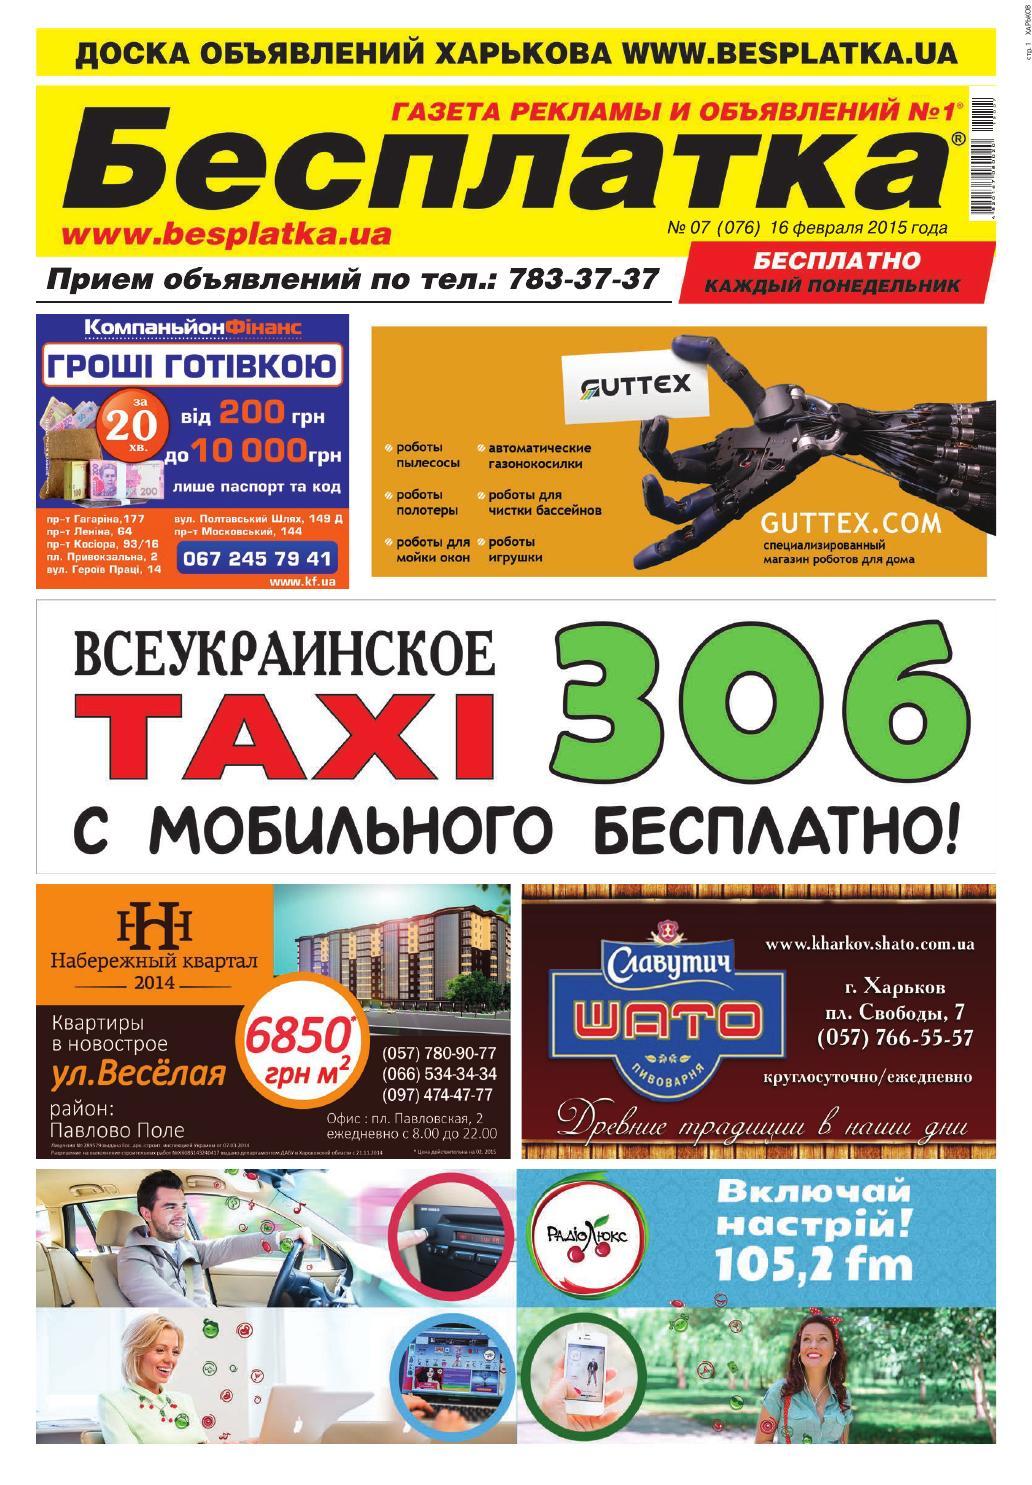 Besplatka kharkov 16 02 2015 by besplatka ukraine - issuu 99cefd95e38